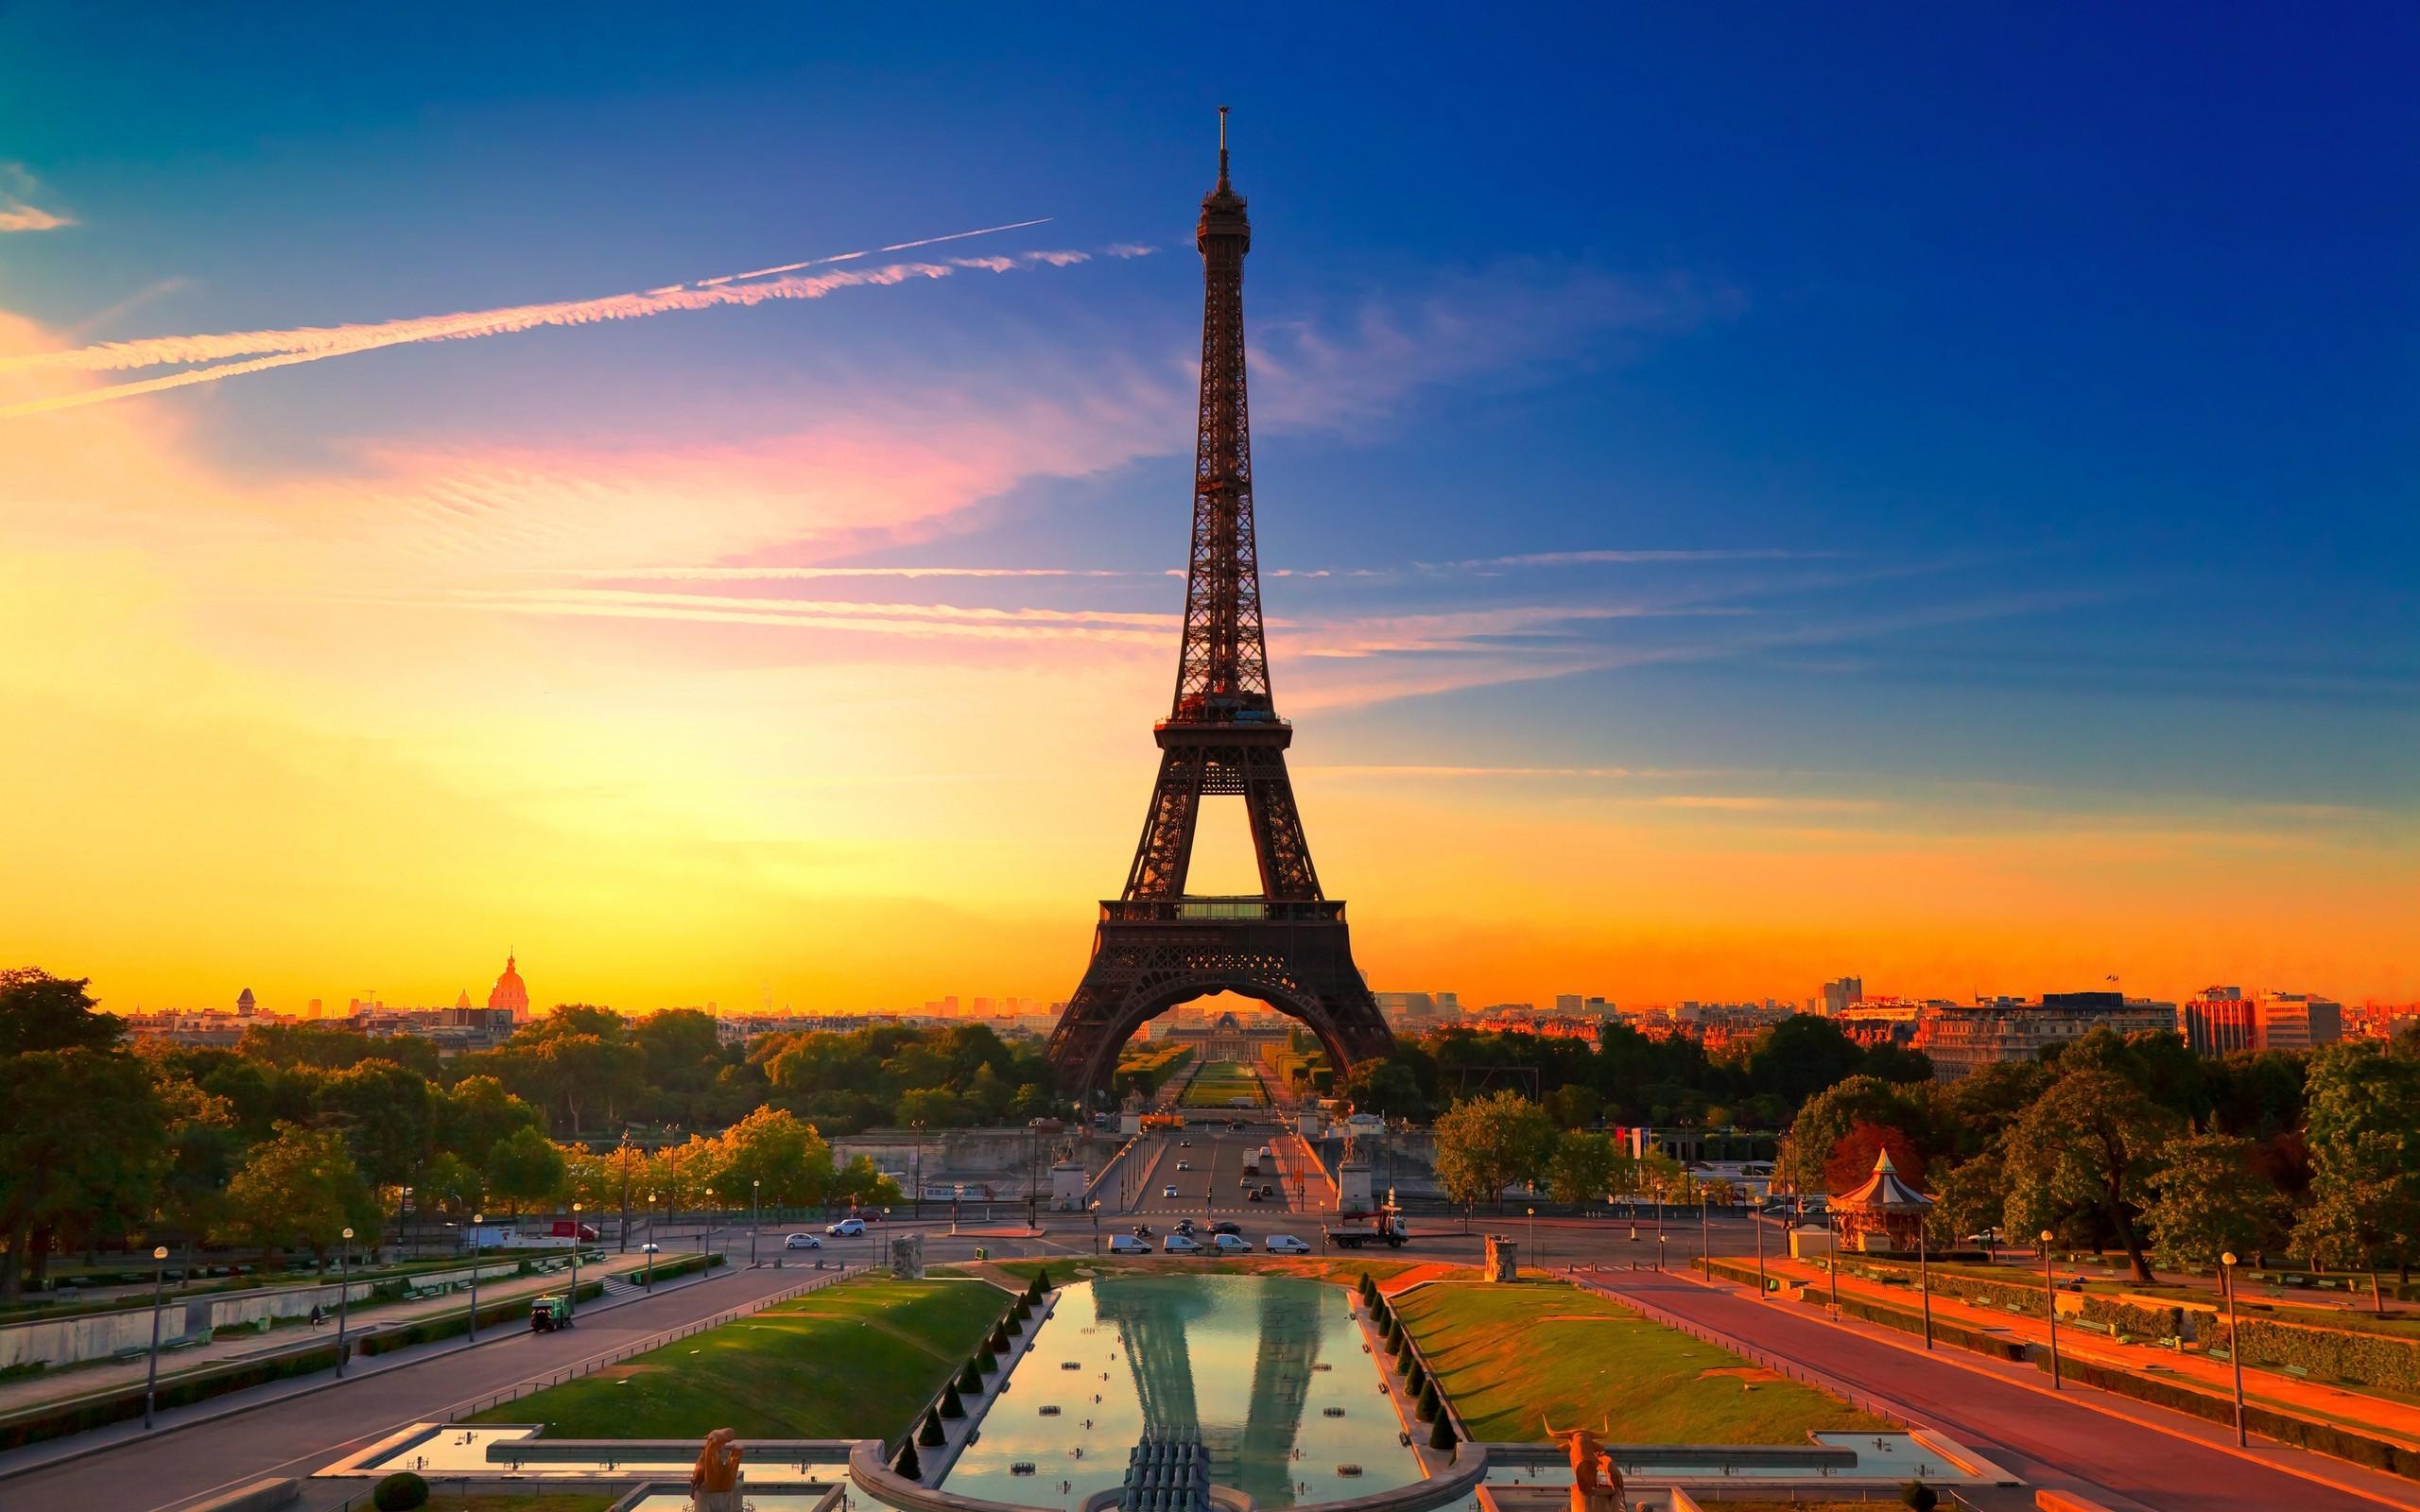 Fonds dcran Tour Eiffel tous les wallpapers Tour Eiffel 2560x1600